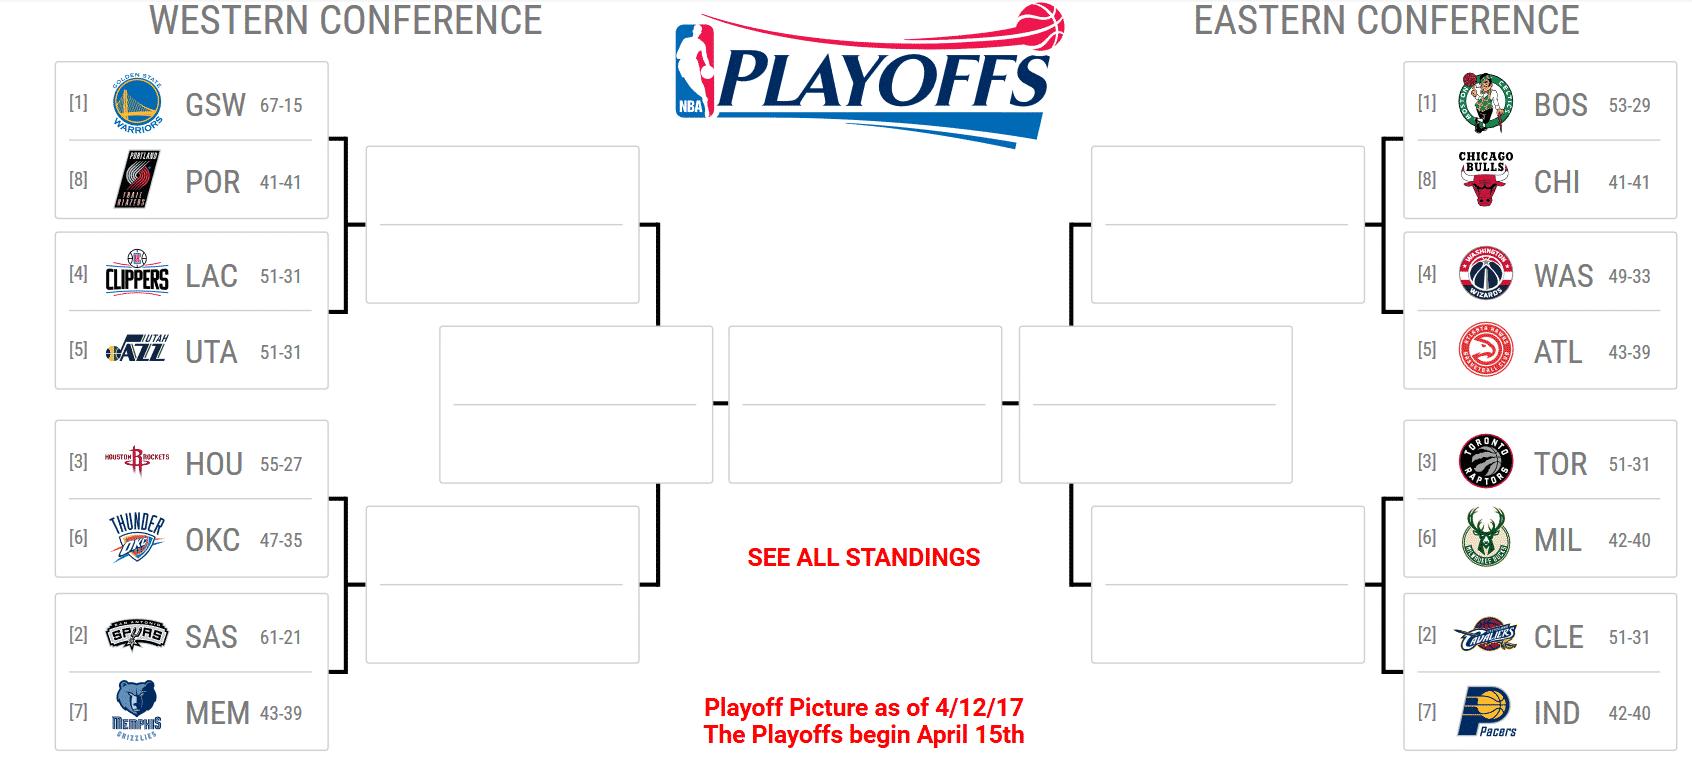 Boston devant Cleveland à l'est, Indiana et Chicago qualifiés